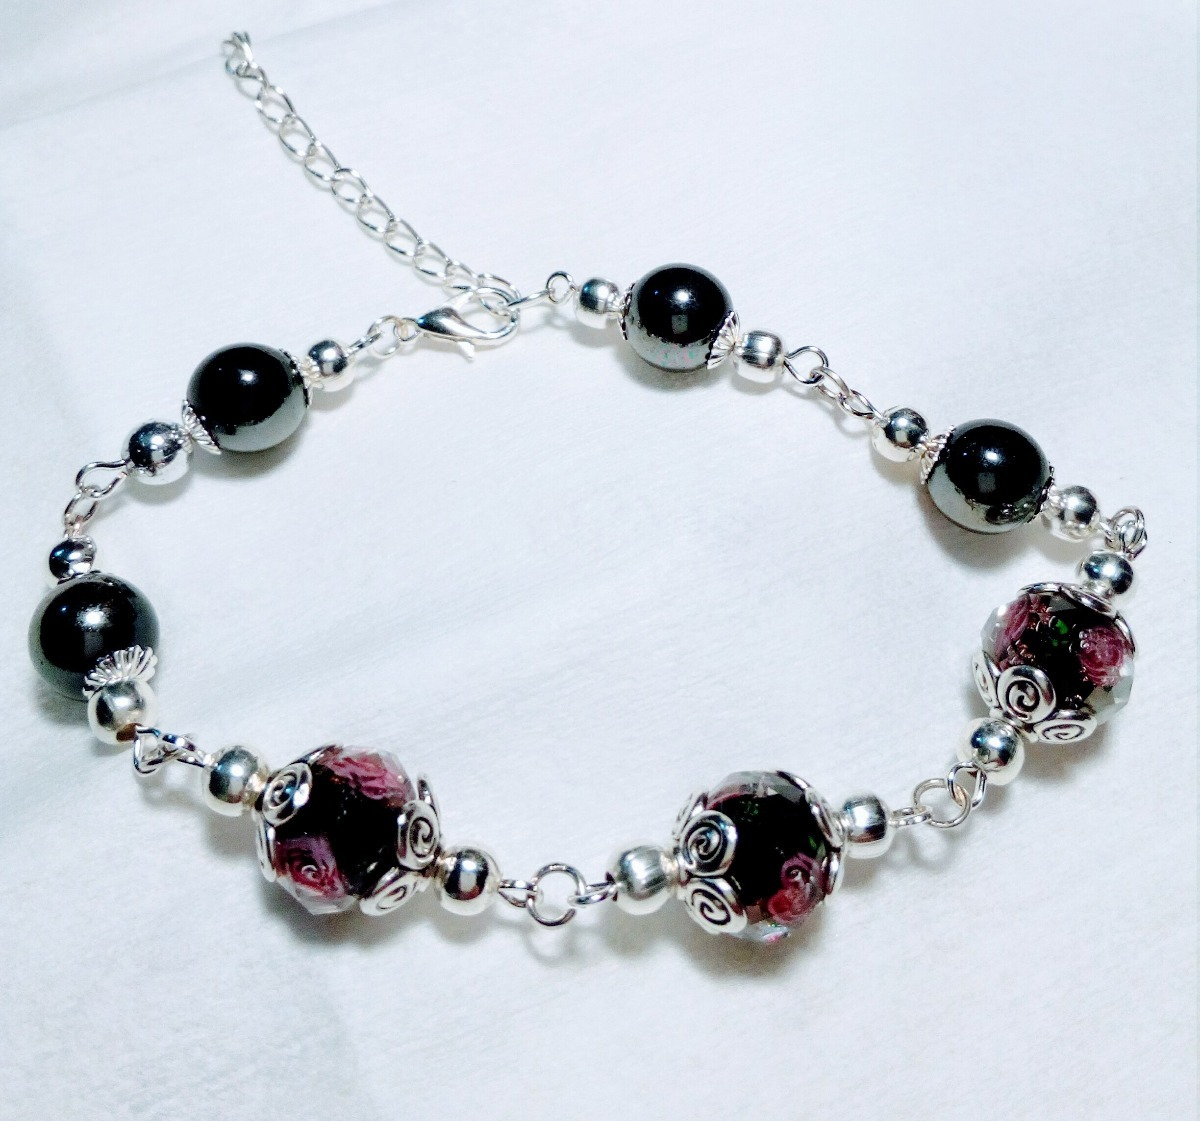 2bc8c386d861 pulsera hecha a mano cuero gamuza joyas bisutería artesanía. Cargando zoom.